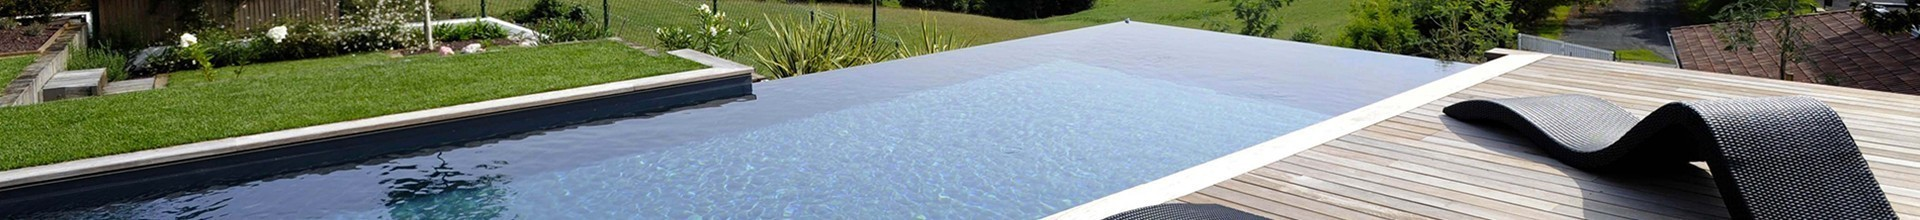 Direct usine, piscine coque prix Vaucluse